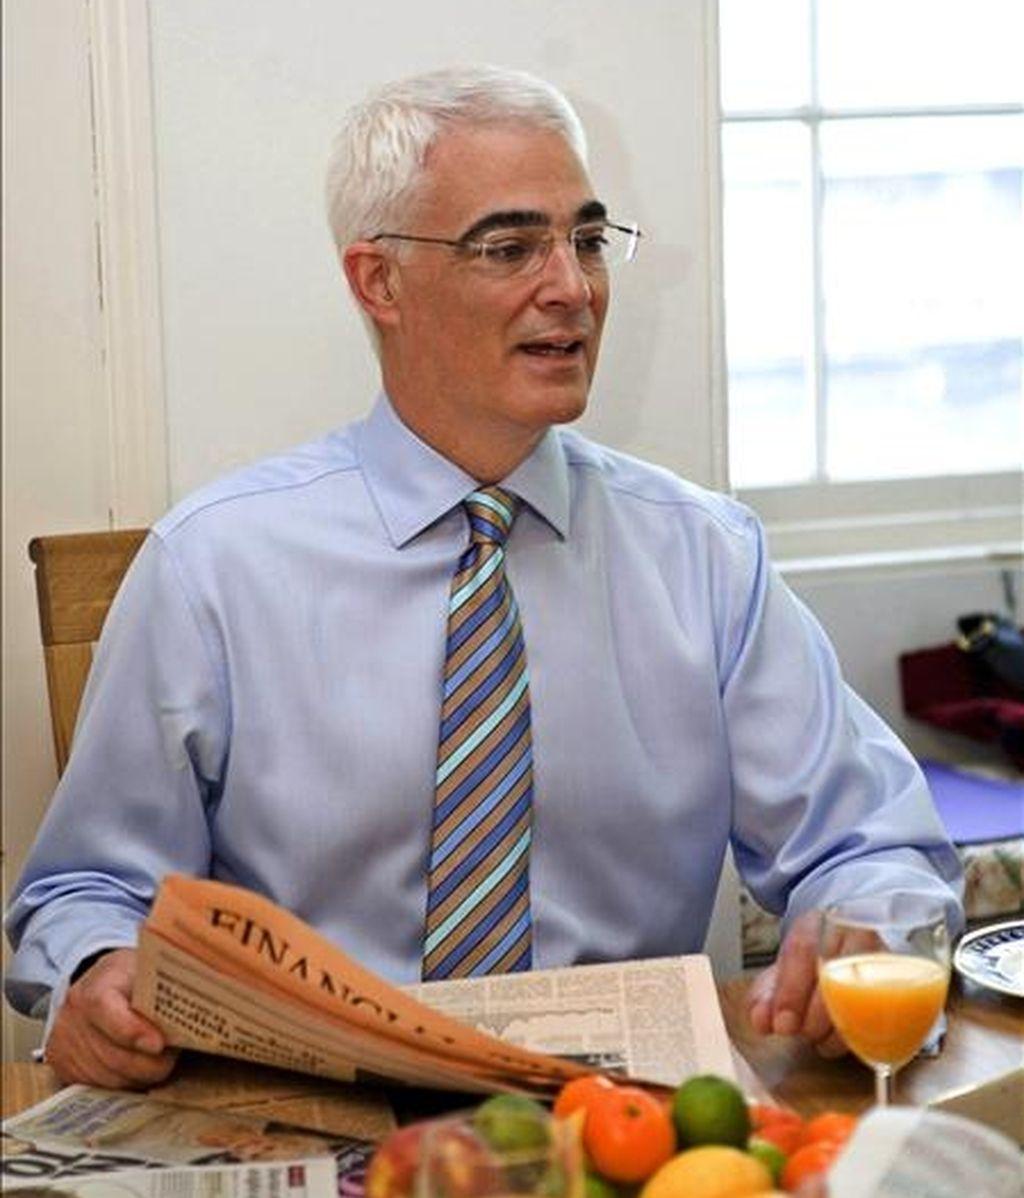 El ministro de Economía británico, Alistair Darling, lee el periódico durante el desayuno, en su oficina del número 11 de Downing Street, en Londres (Reino Unido), en una imagen tomada el pasado mes de abril. EFE/Archivo